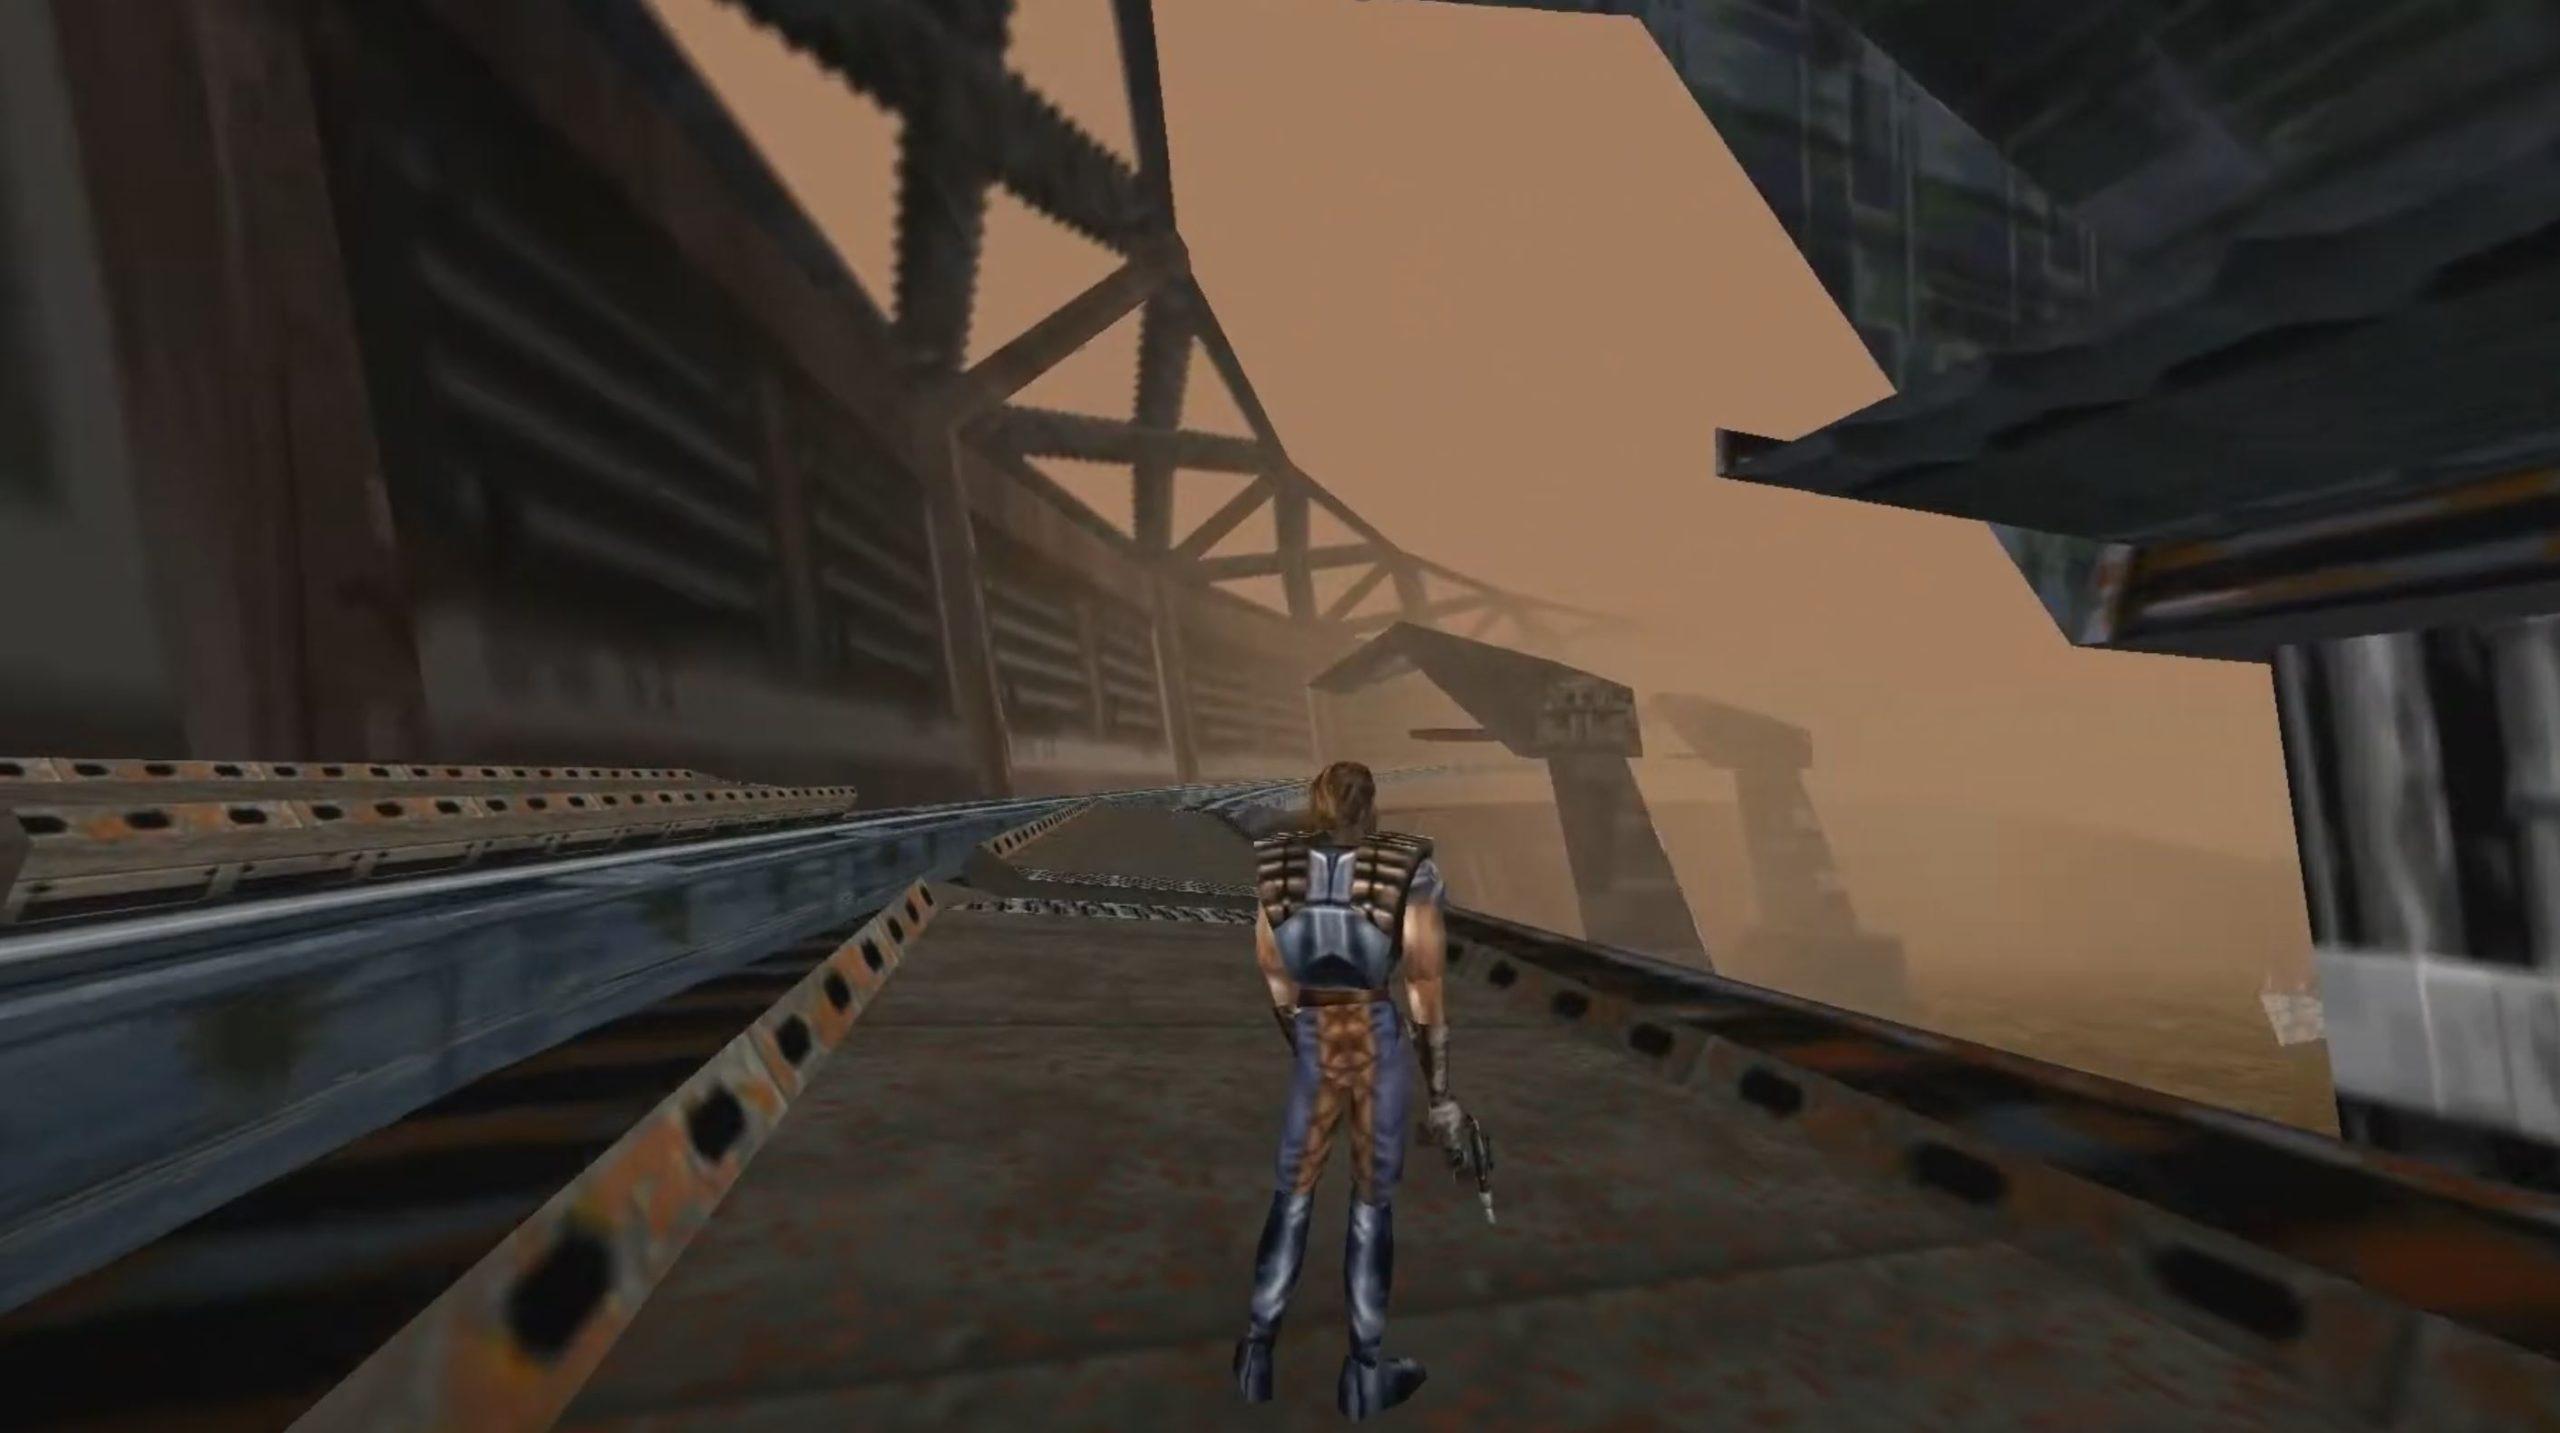 Star Wars Shadow of the Empire: Dash Rendar springt von Zug zu Zug